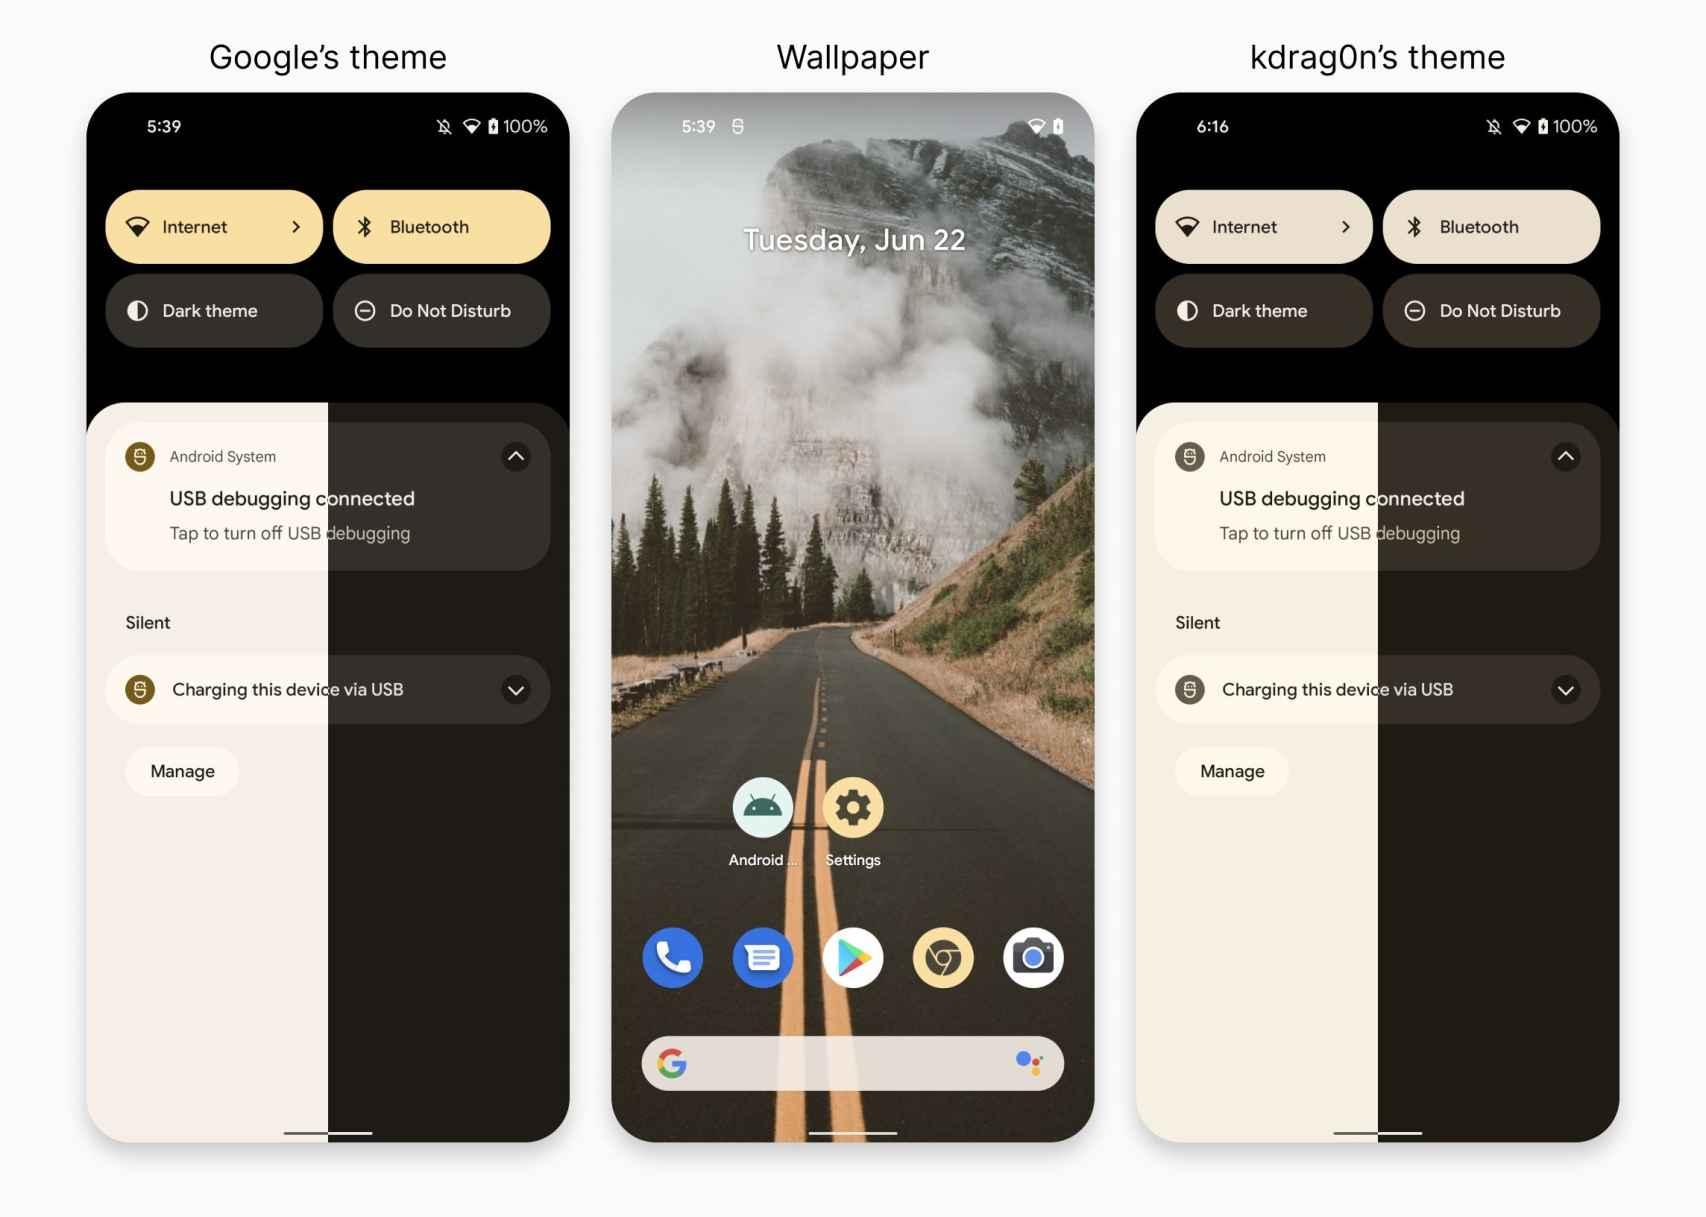 Colores según Google (izquierda) / Colores segun kdrag0n (derecha)